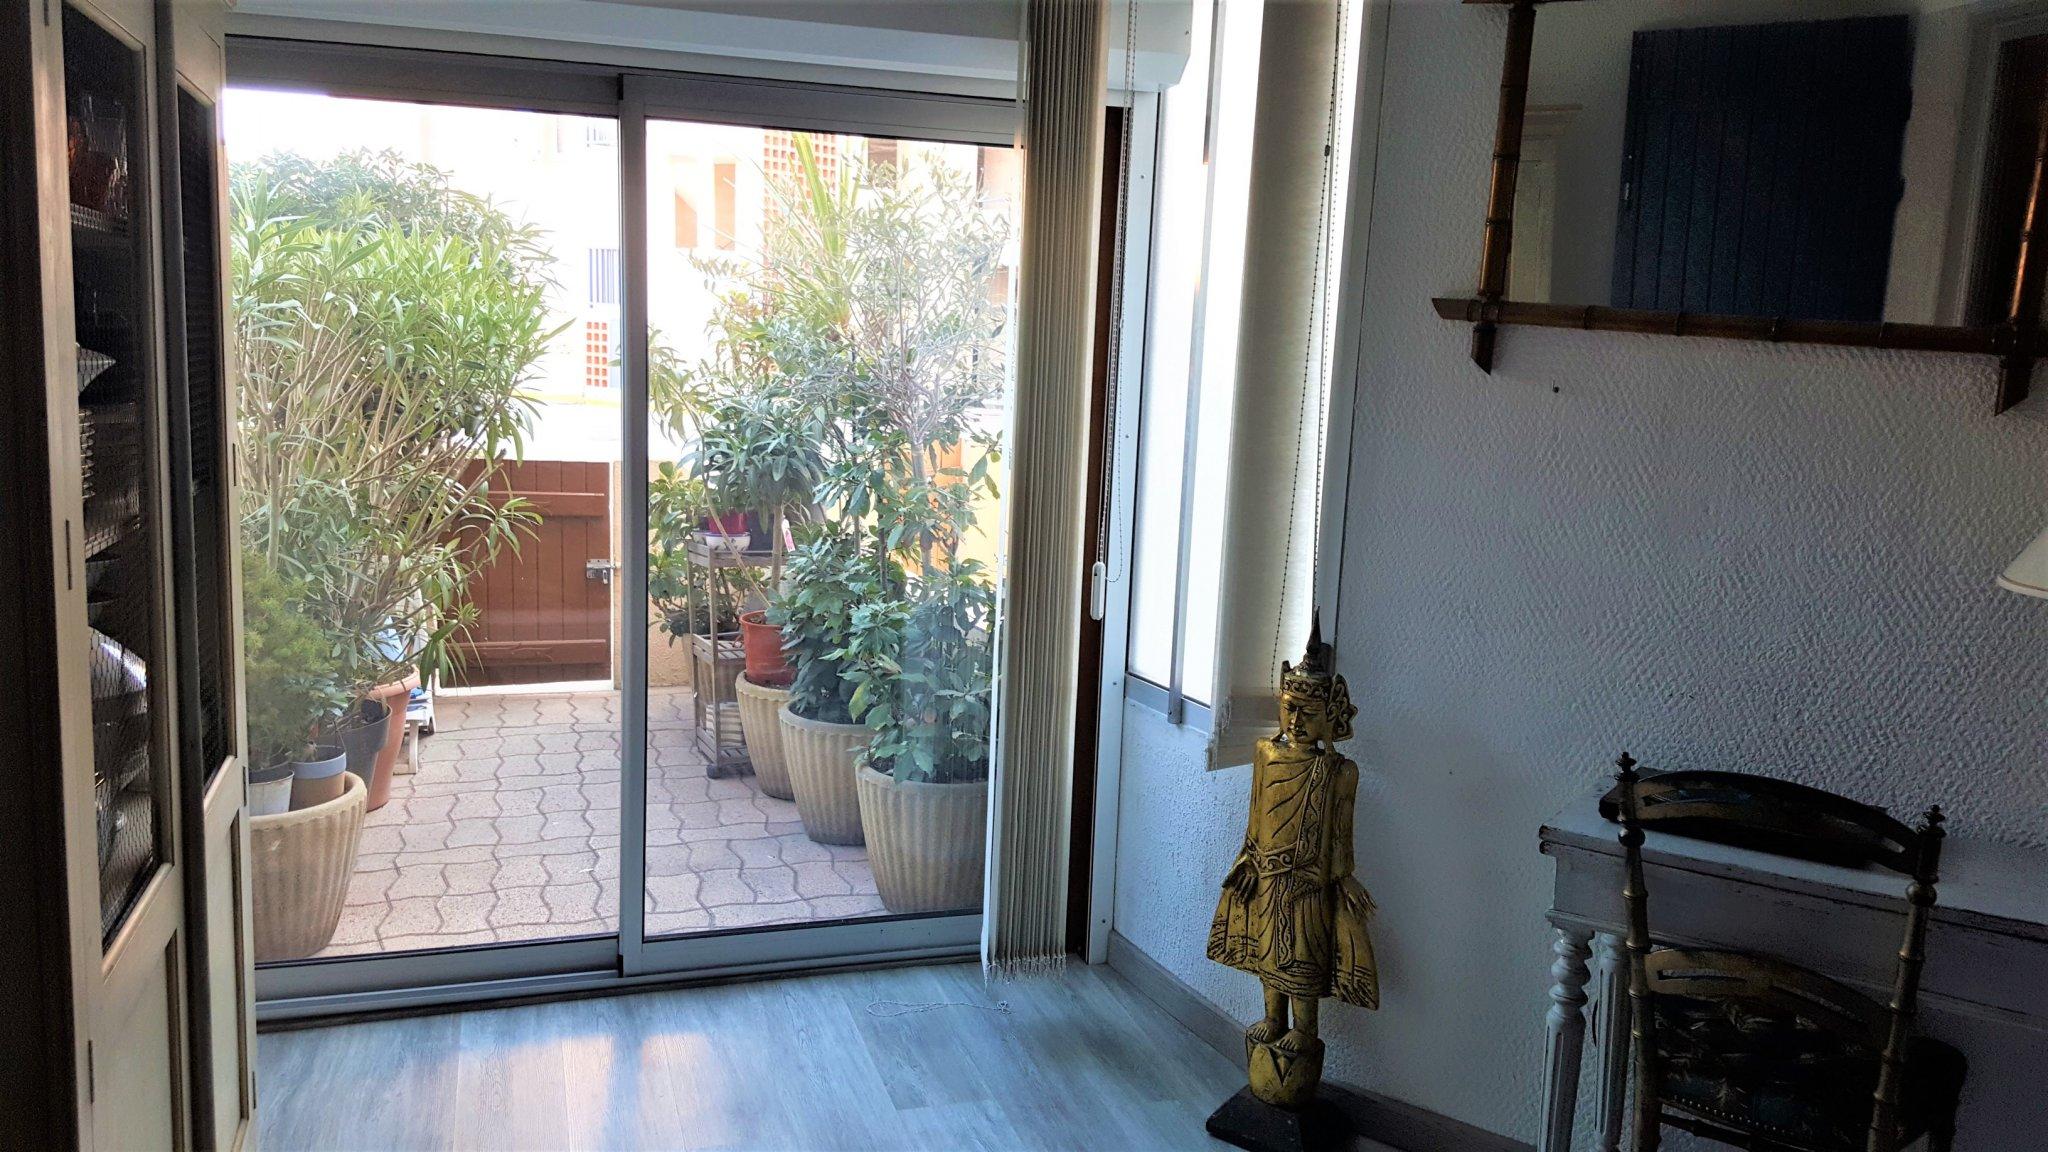 Vente Appartement Rez-De-Jardin En Très Bon État encequiconcerne Location Rez De Jardin Dijon